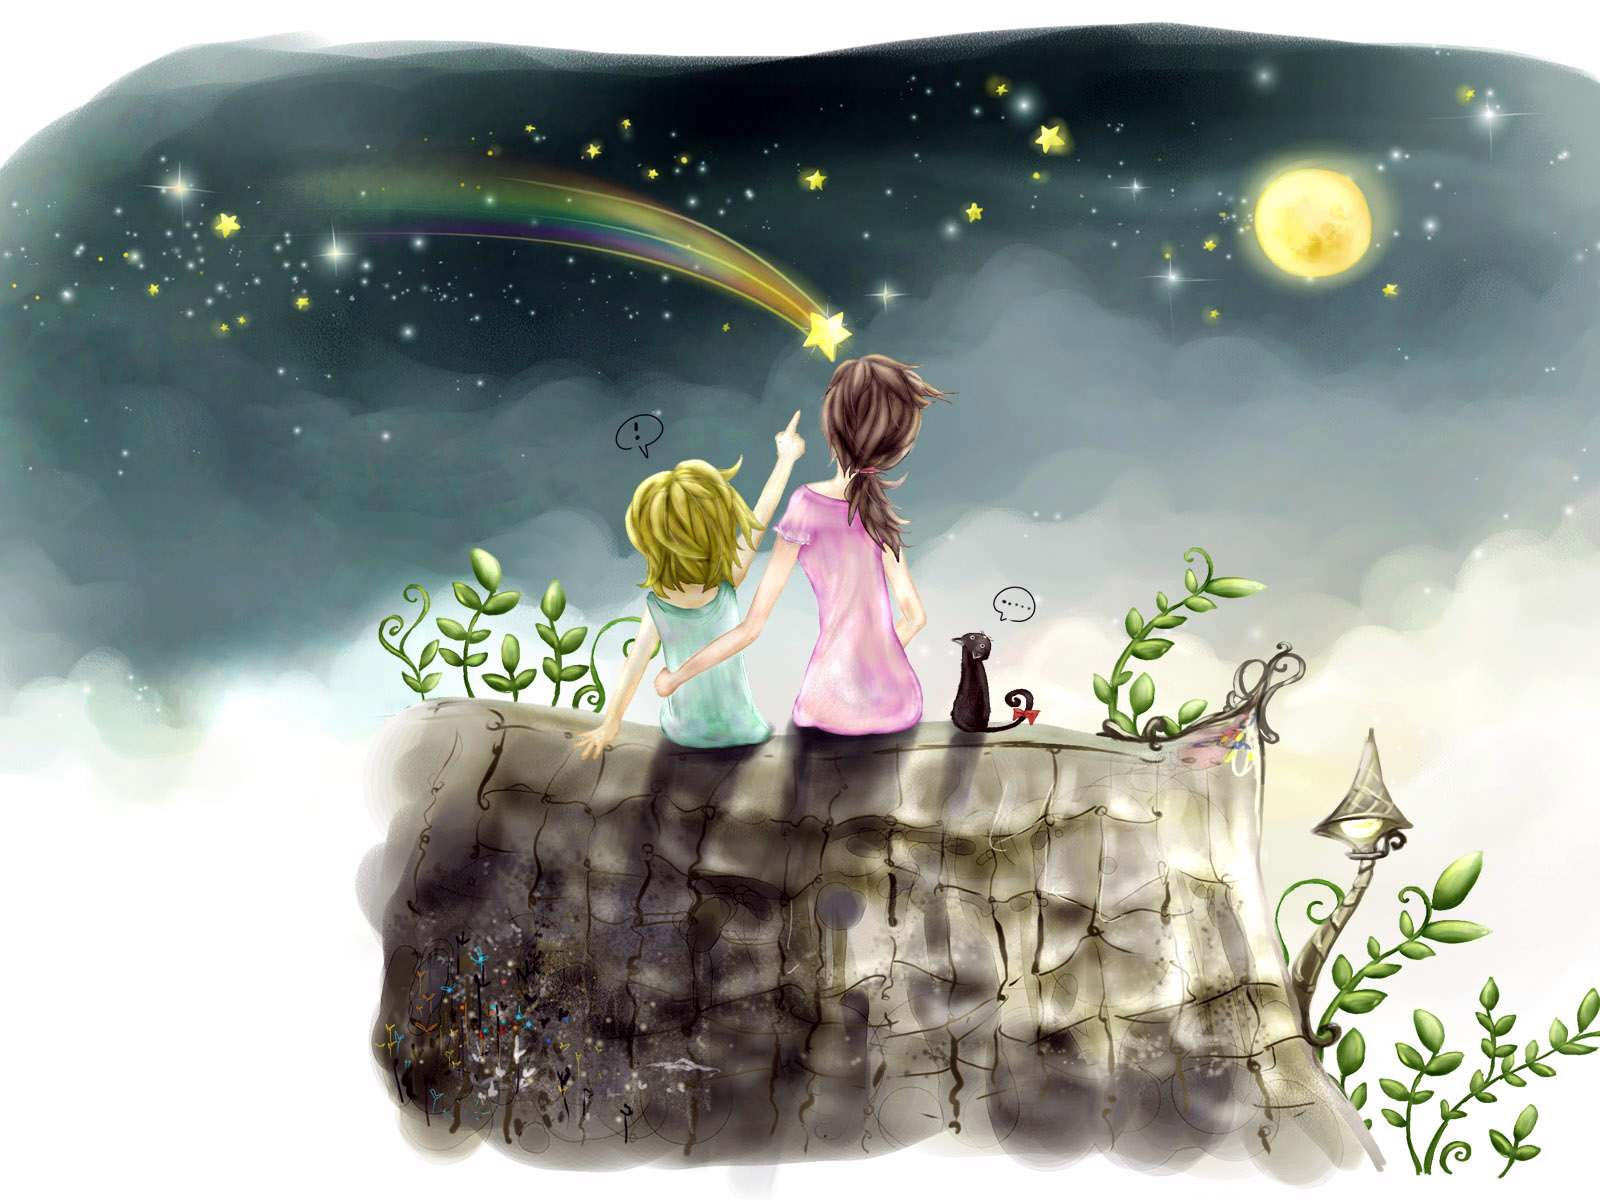 نقاشی ستاره دریایی کودکانه